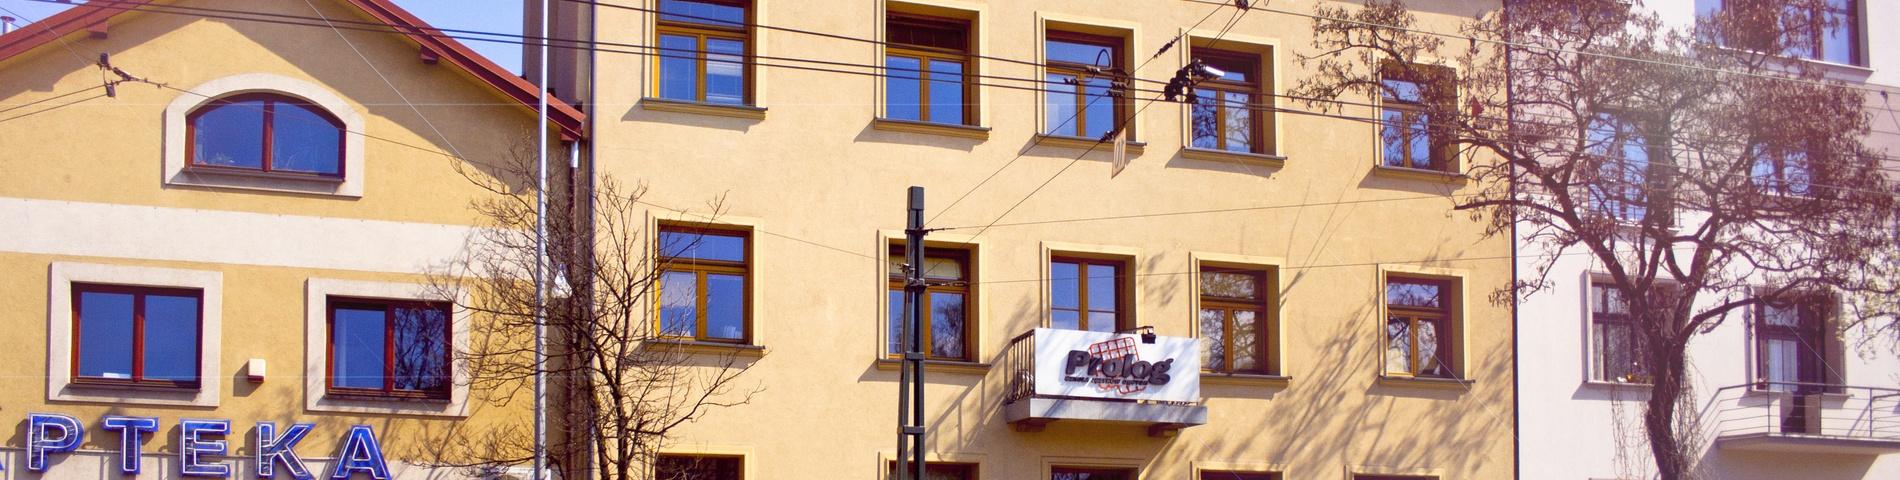 PROLOG School of Polish зображення 1